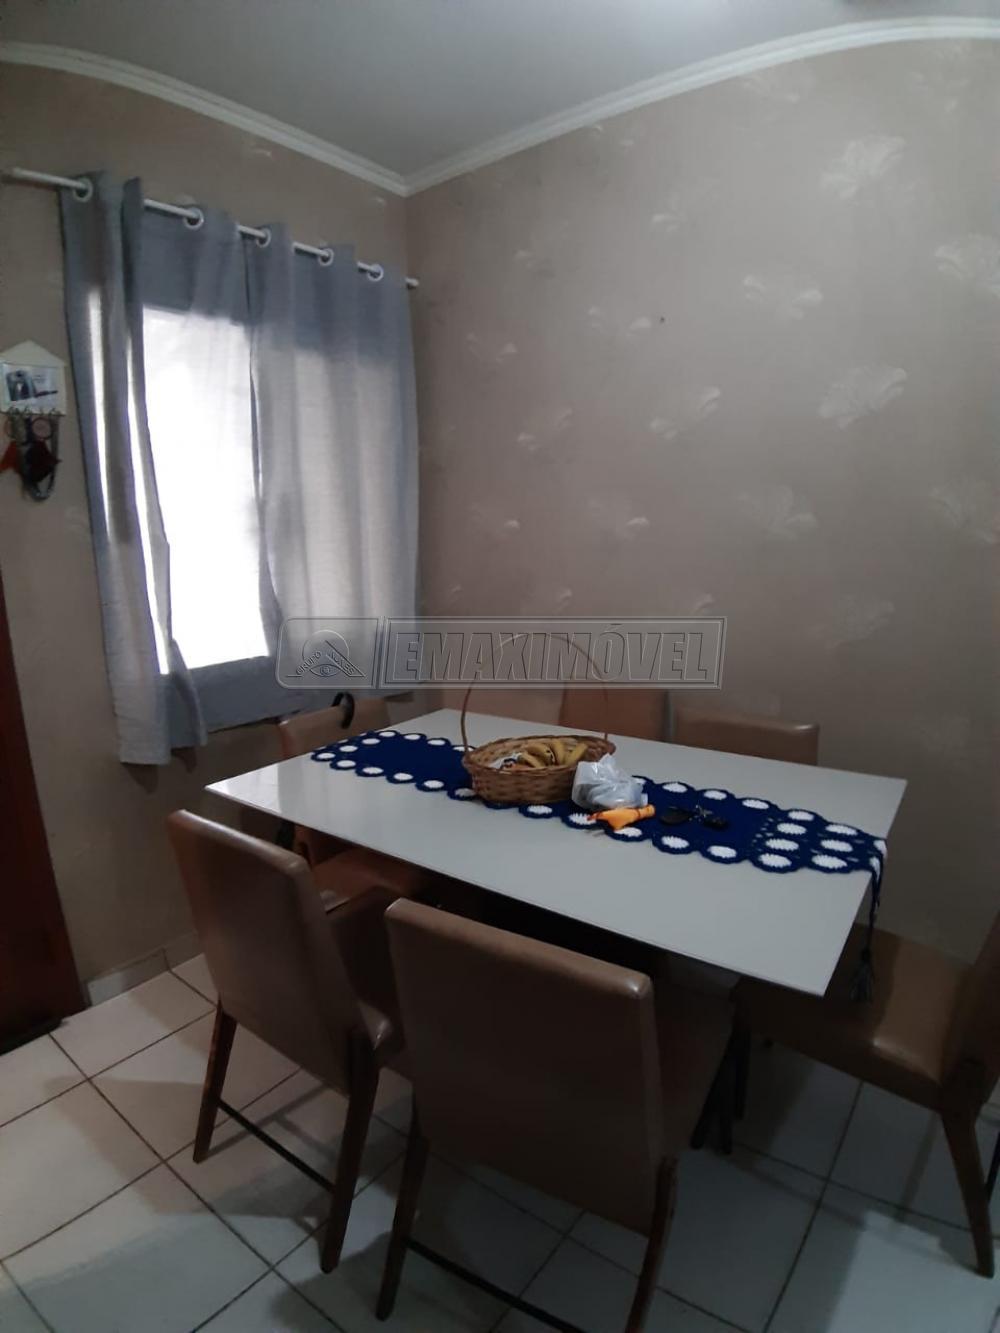 Comprar Casas / em Condomínios em Sorocaba apenas R$ 350.000,00 - Foto 2